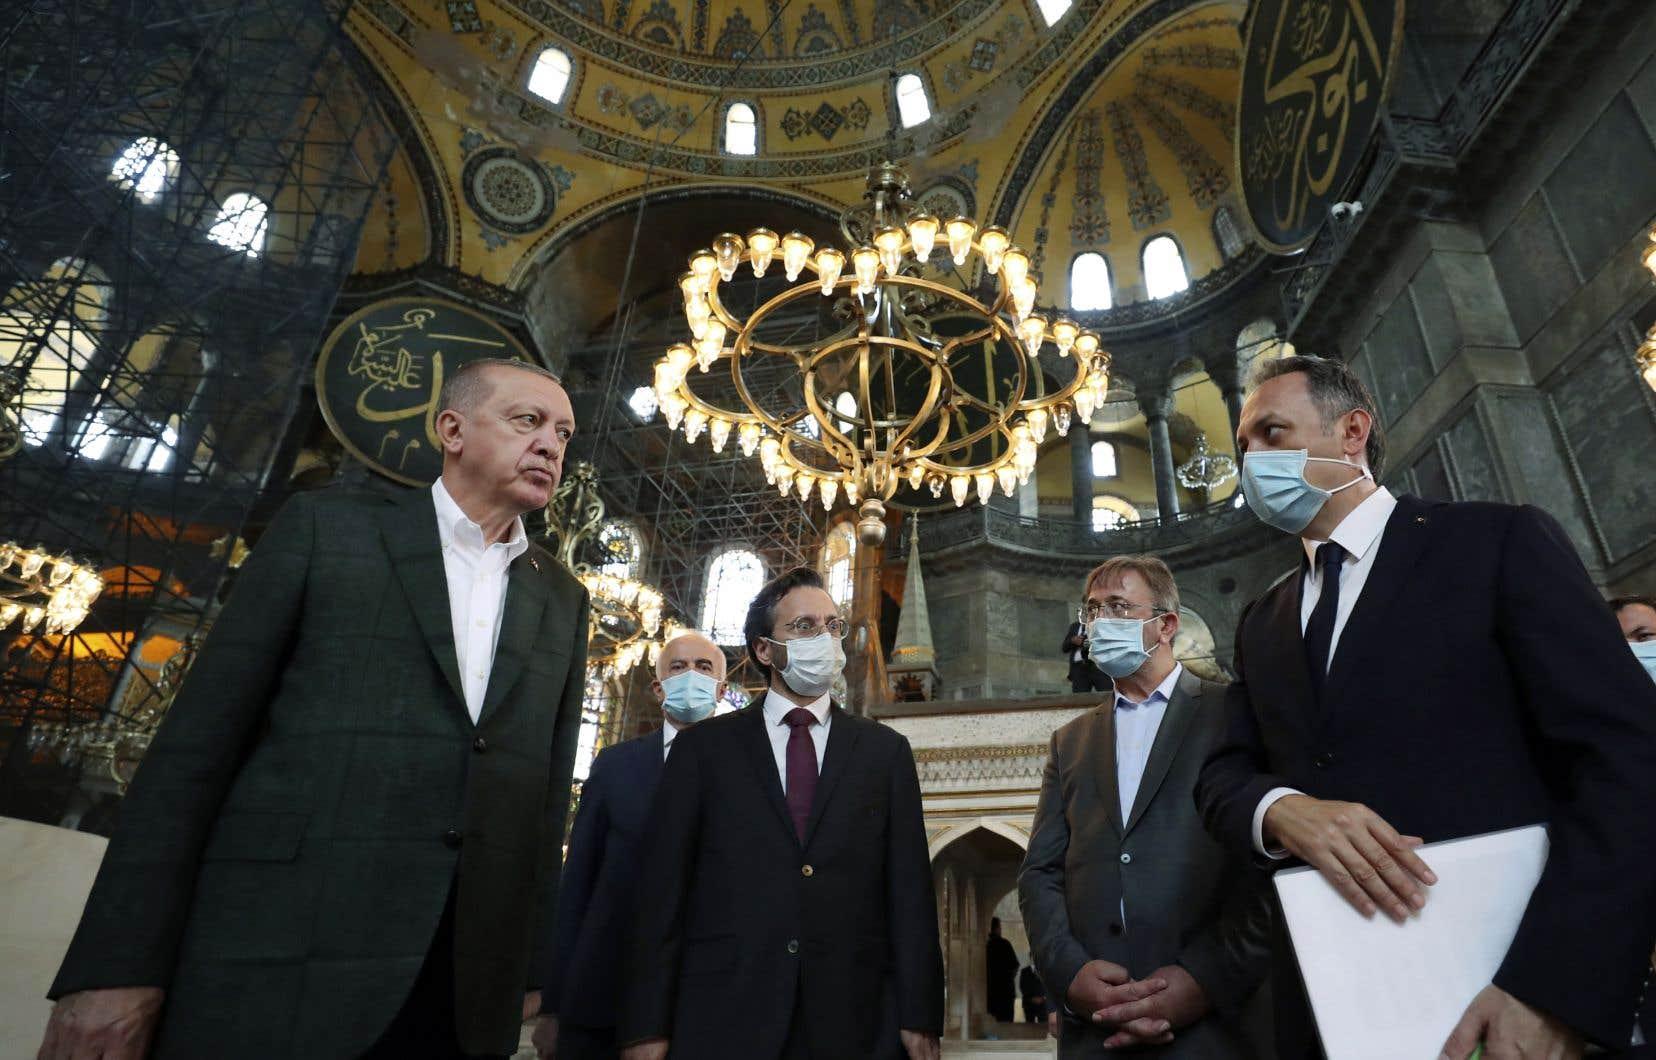 Le président turc, Recep Tayyip Erdoğan (à gauche), discutant avec ses adjoints lors de sa visite de dimanche à Sainte-Sophie